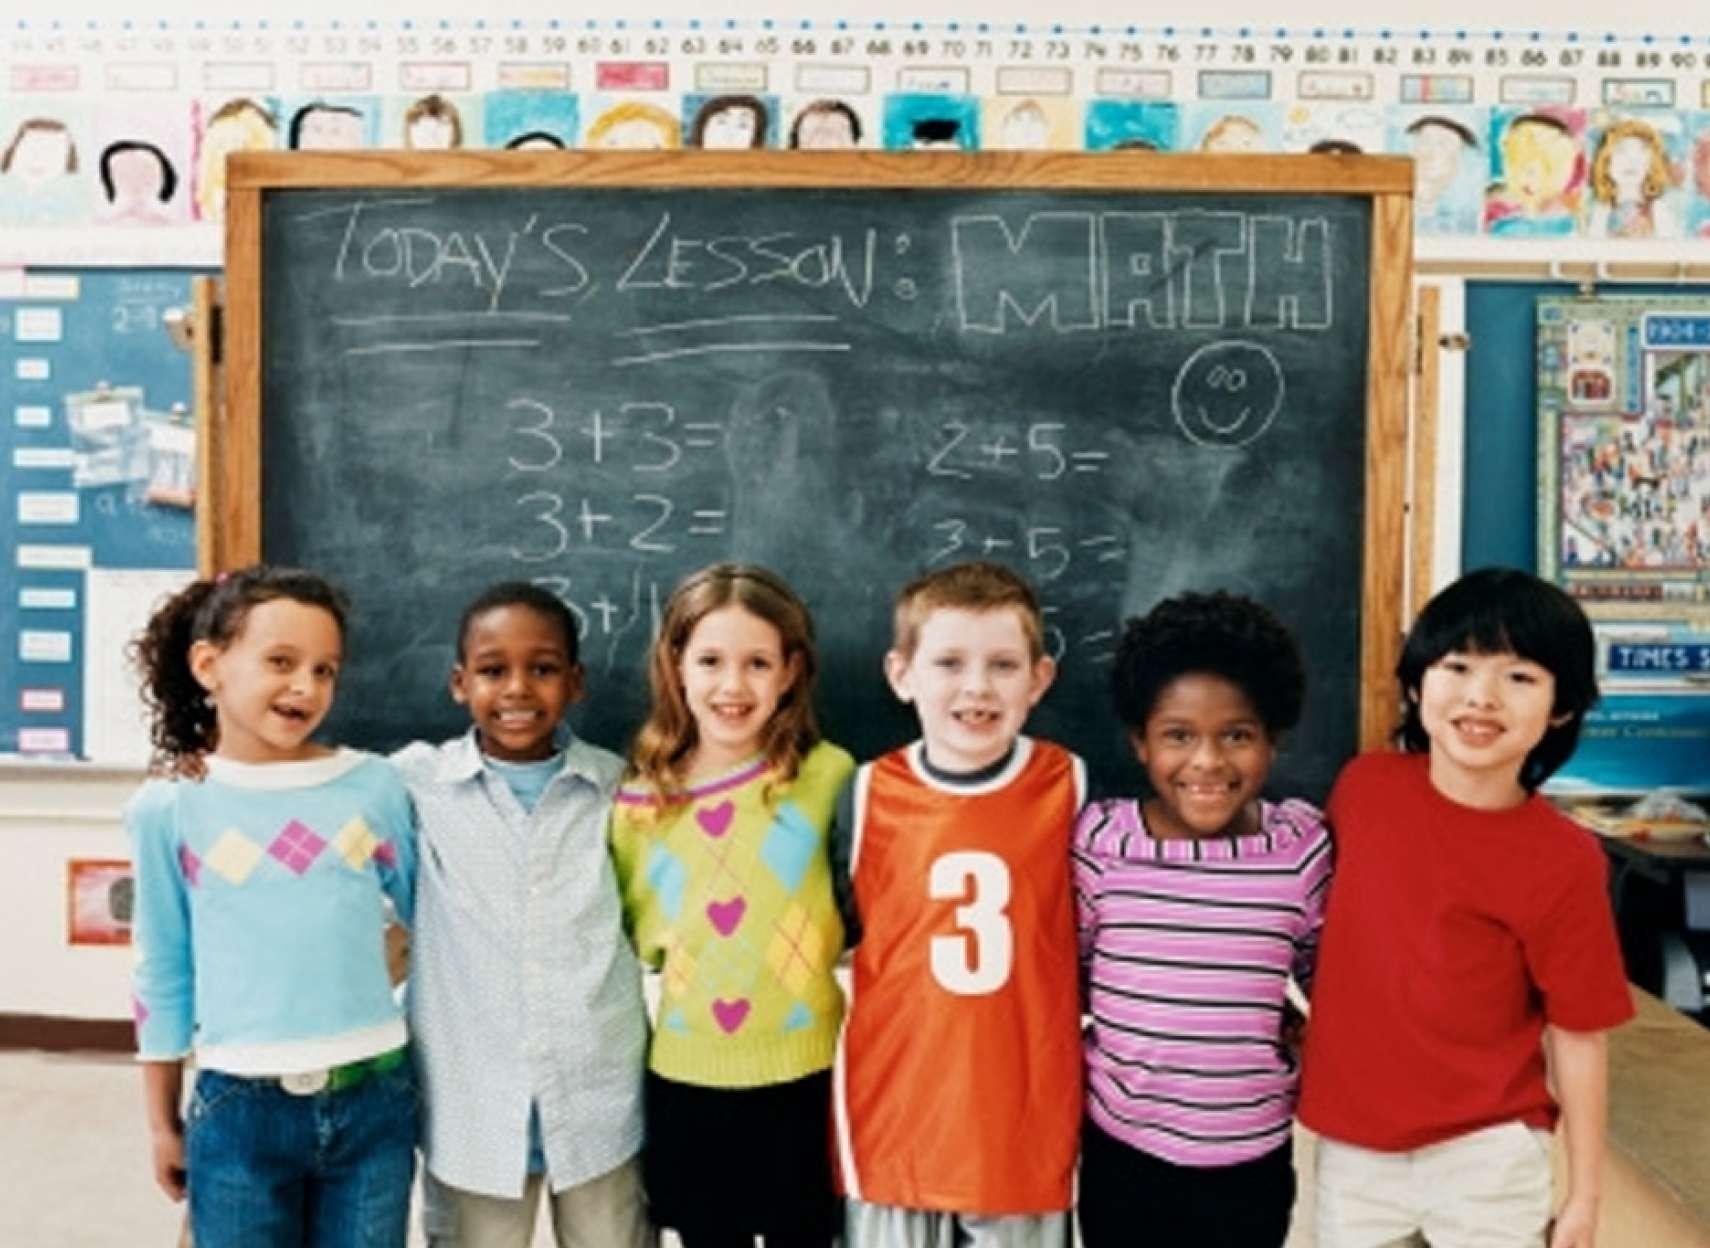 اخبار-تورنتو-انتاریو-در-5-سال-10-هزار-معلم-را-اخراج-میکند